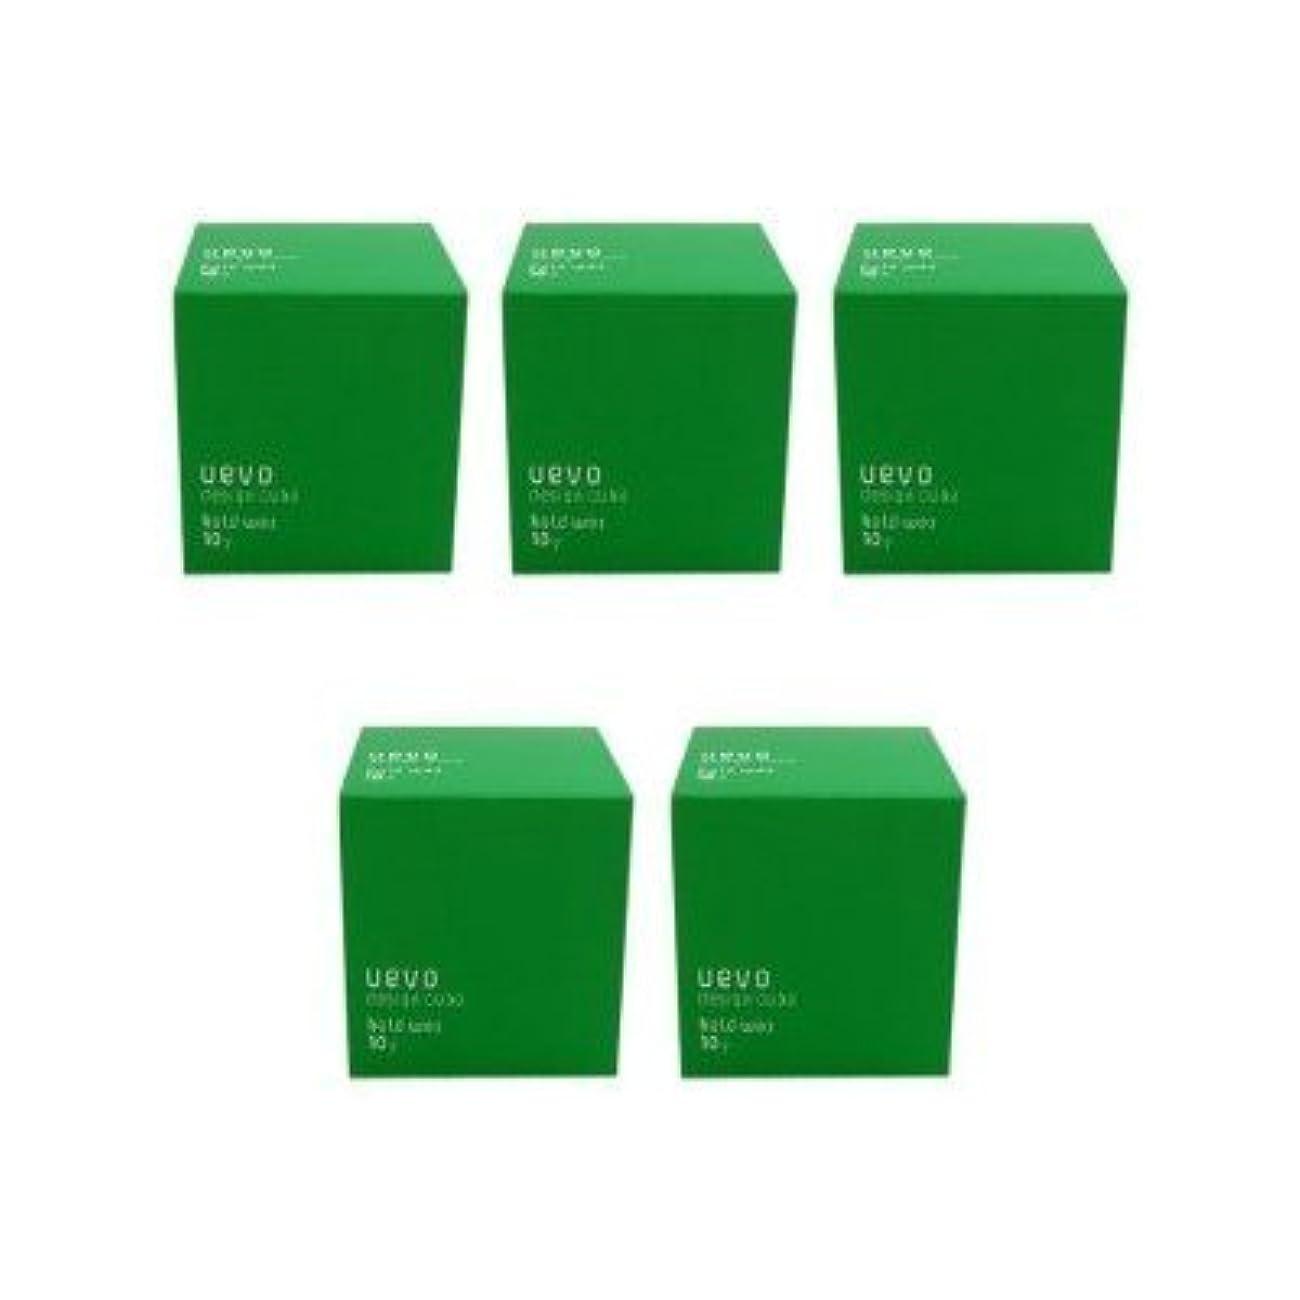 連続的集める順応性のある【X5個セット】 デミ ウェーボ デザインキューブ ホールドワックス 80g hold wax DEMI uevo design cube